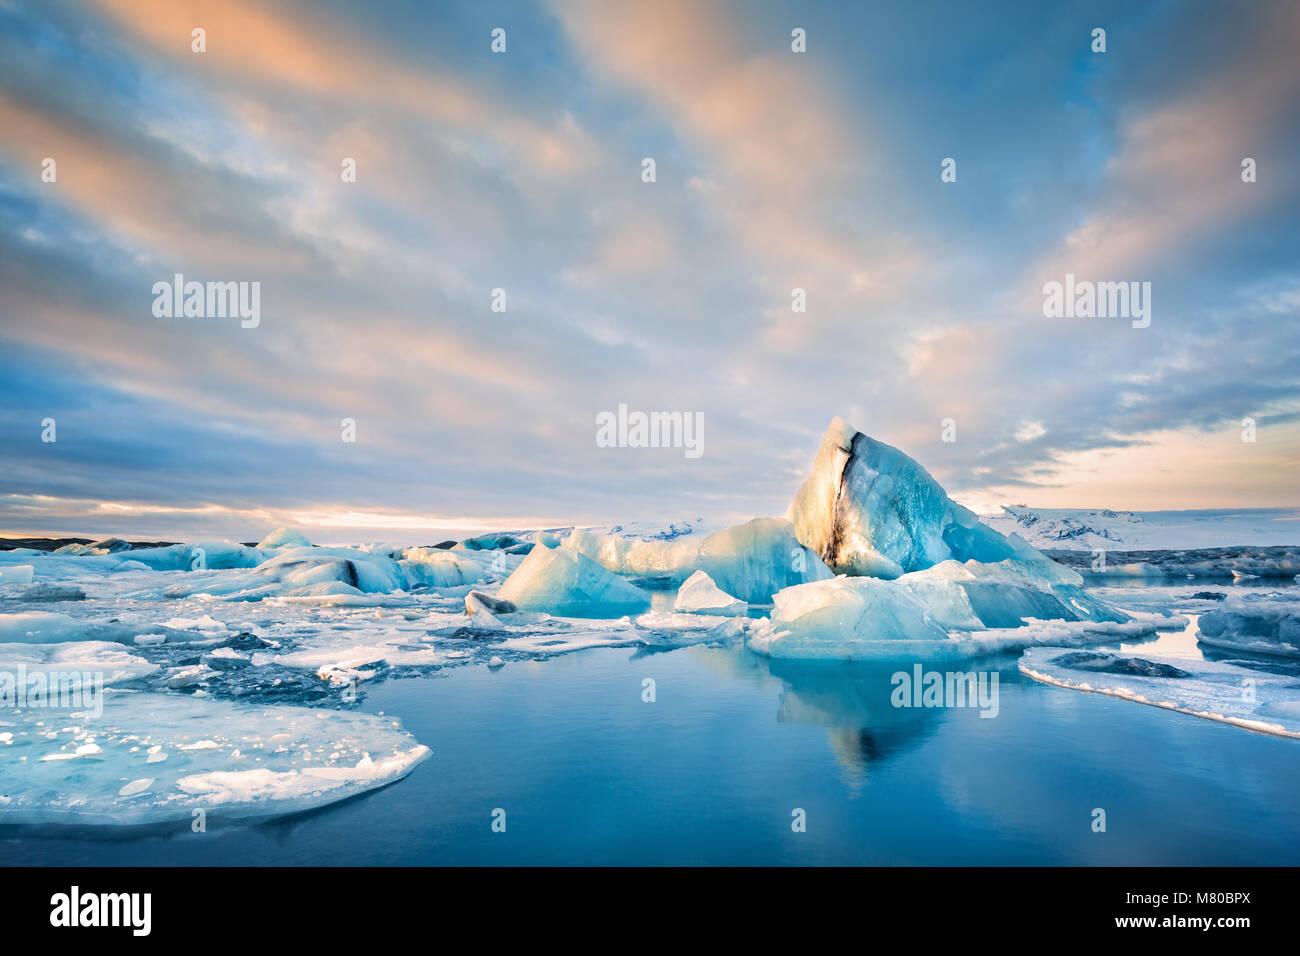 Témpanos que flotan en la Laguna glaciar Jokulsarlon al amanecer, en Islandia. Foto de stock